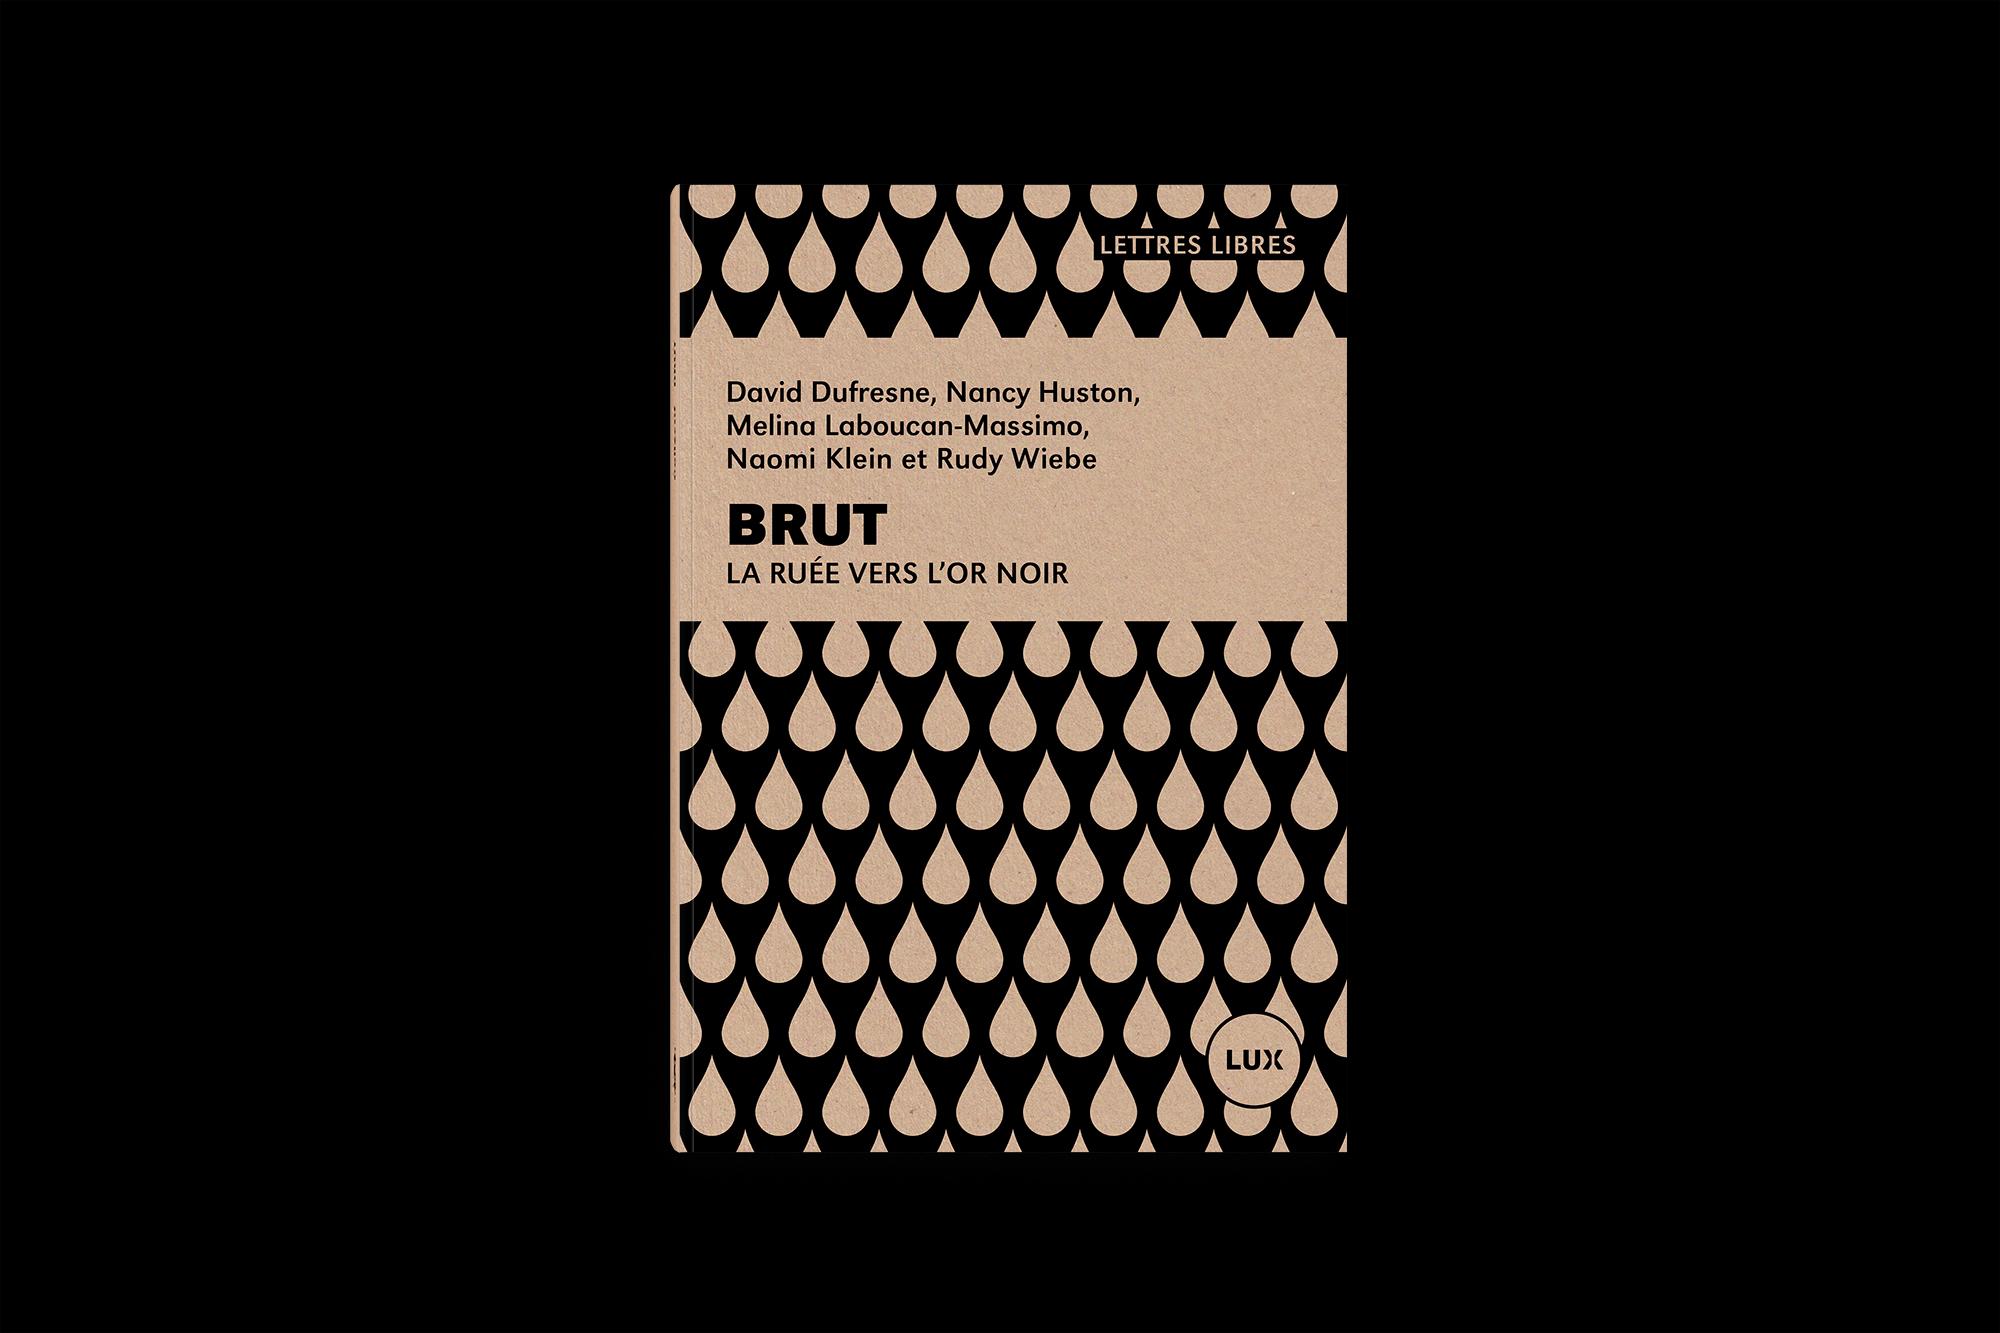 Lettres-libres-mockup-Brut